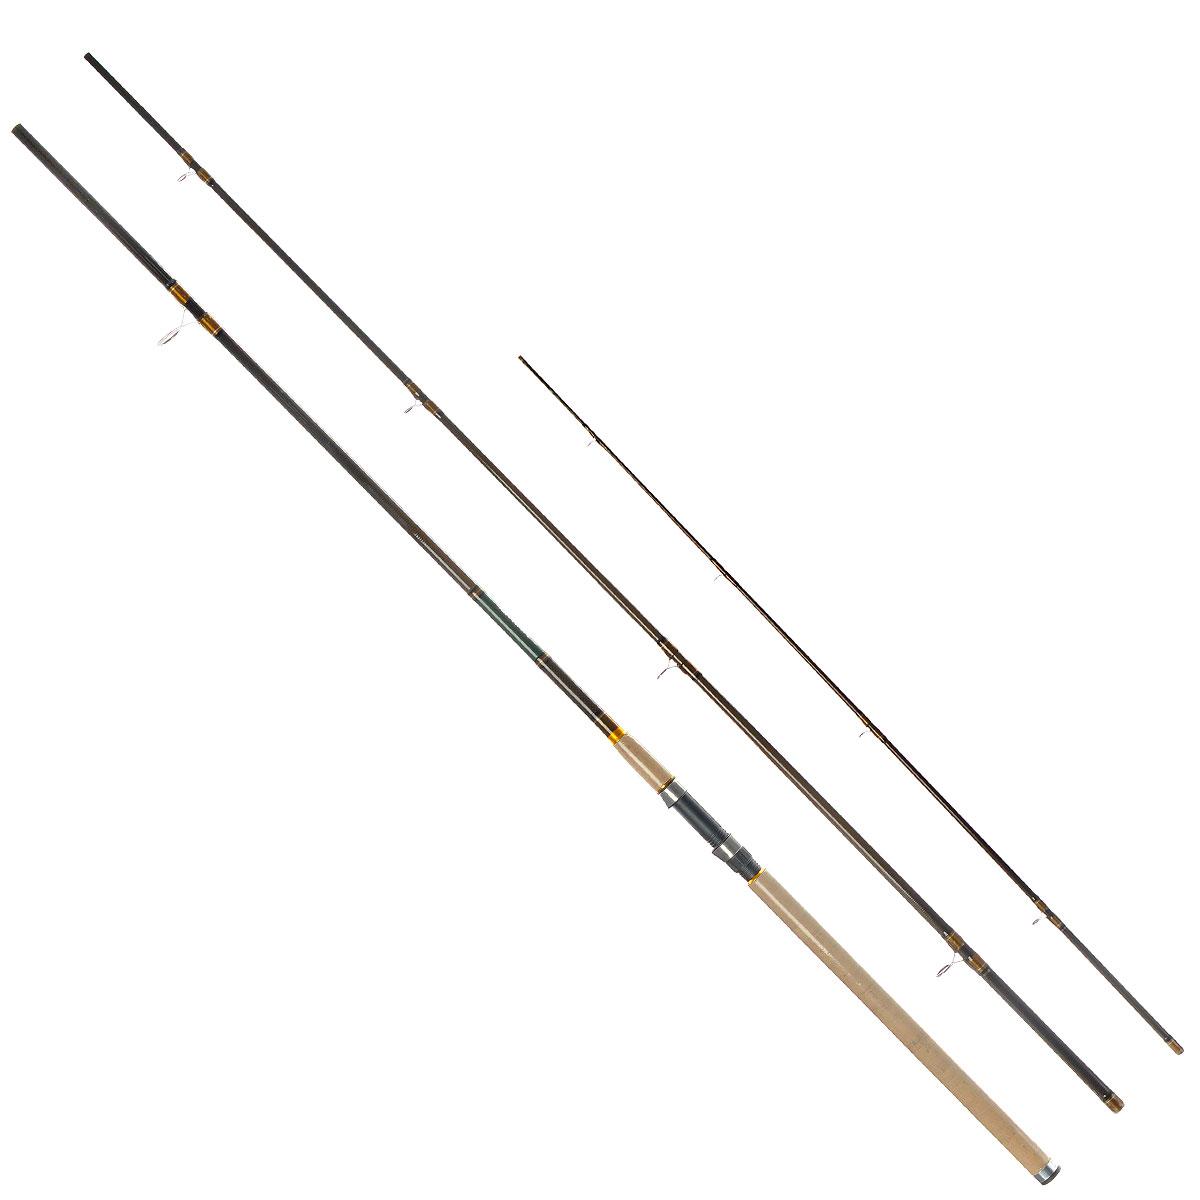 Удилище фидерное Daiwa Procaster Heavy Feeder, 4,2 м, 150 гLJPS-902MMFУникальность удилища Daiwa Procaster Heavy Feeder в том, что оно прощают много ошибок, как при забросе, так и при вываживании. Большая длина позволяет забрасывать кормушку на более дальние расстояния, а также подняв удилище повыше, проводить рыбу над бровкой, избавляясь от зацепов или схода. Рукоятка удилища выполнена из пробки, за счет чего оно имеет небольшой вес. В комплекте 3 сменные вершинки из графитового материала.Поставляется в чехле.Тест: 150 г.